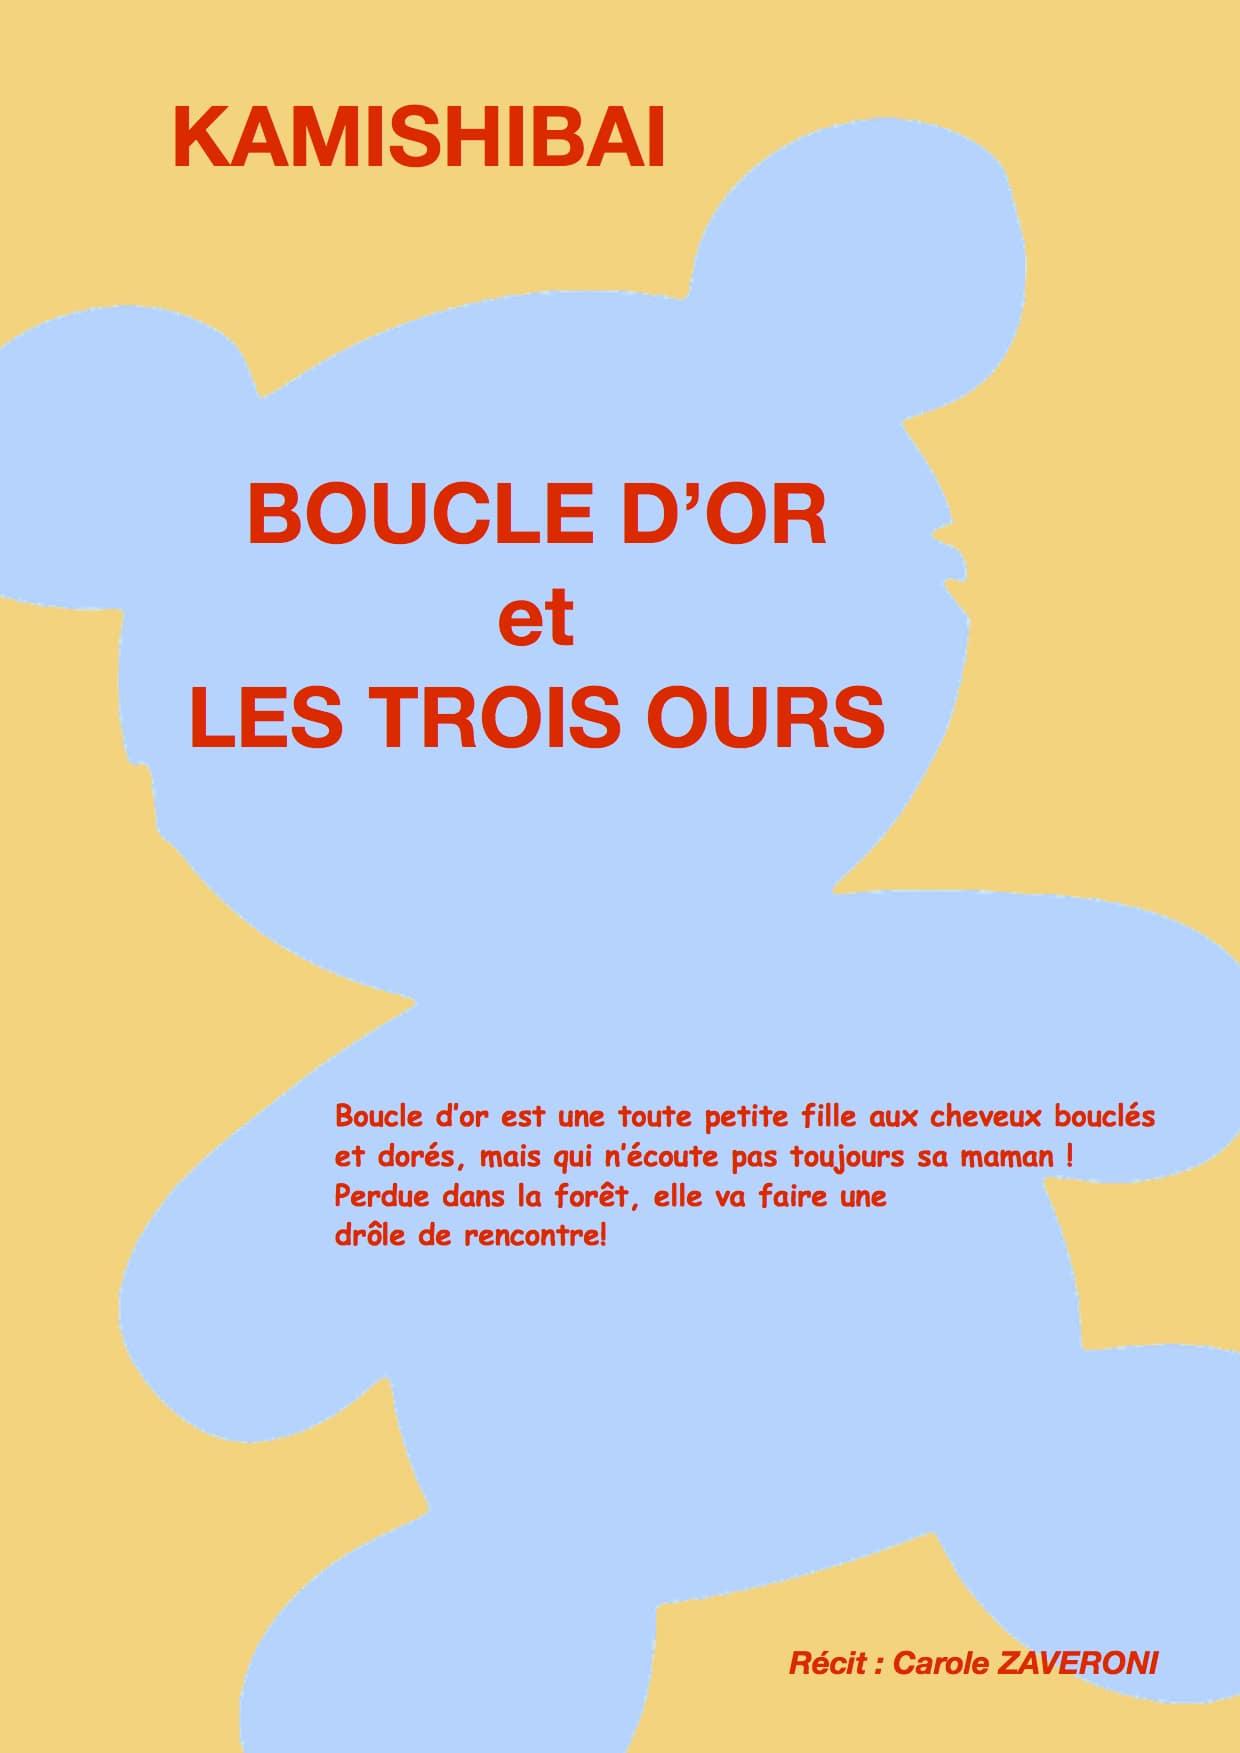 Boucle d'or - Les Pipelettes - L'Art Dû - Theatre Marseille - 13006